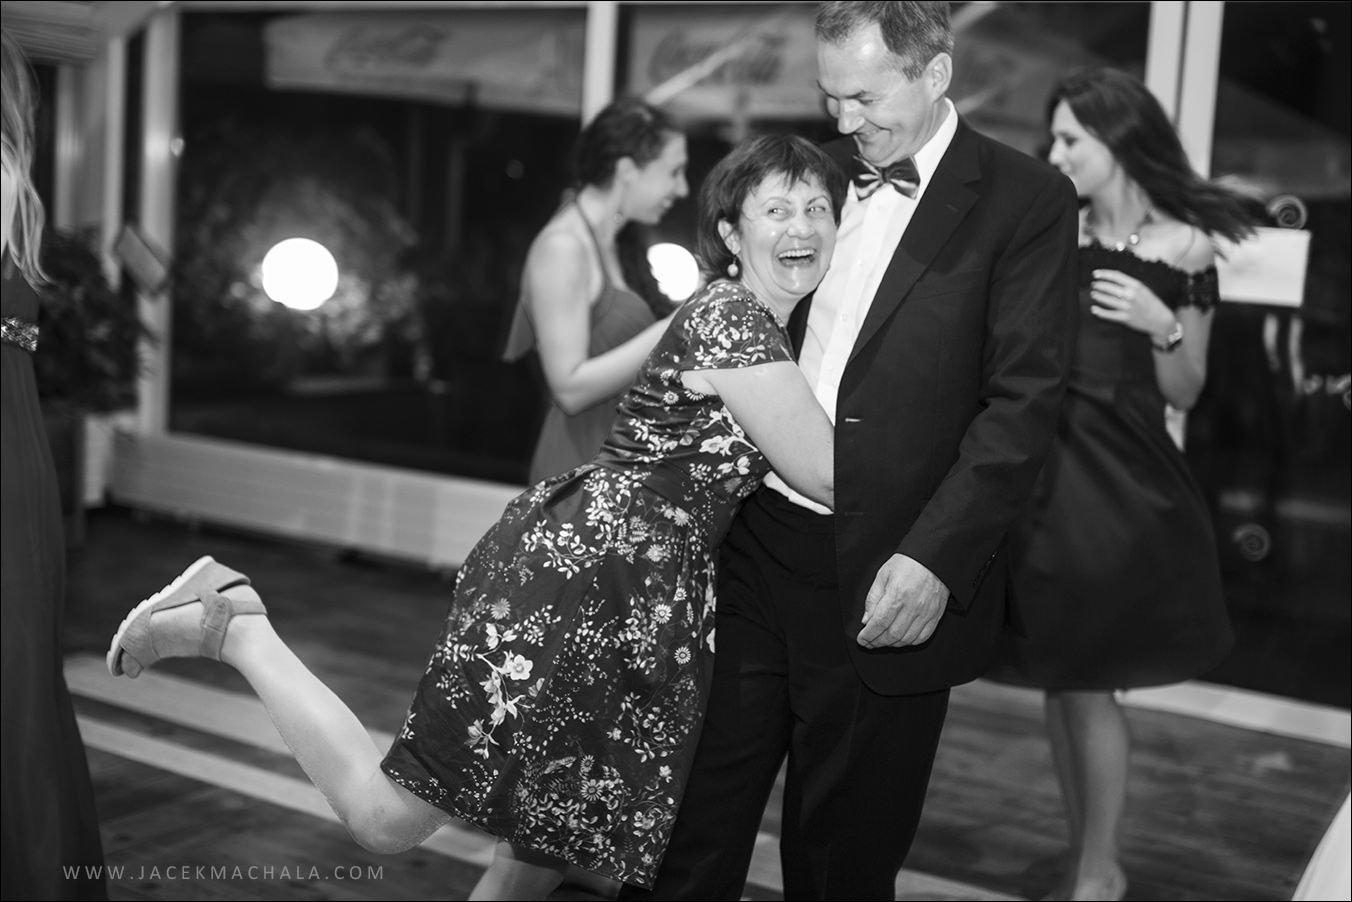 slask fotograf bielsko biala diana i dawid 65 - Hotel Ostaniec - DIANA & DAWID